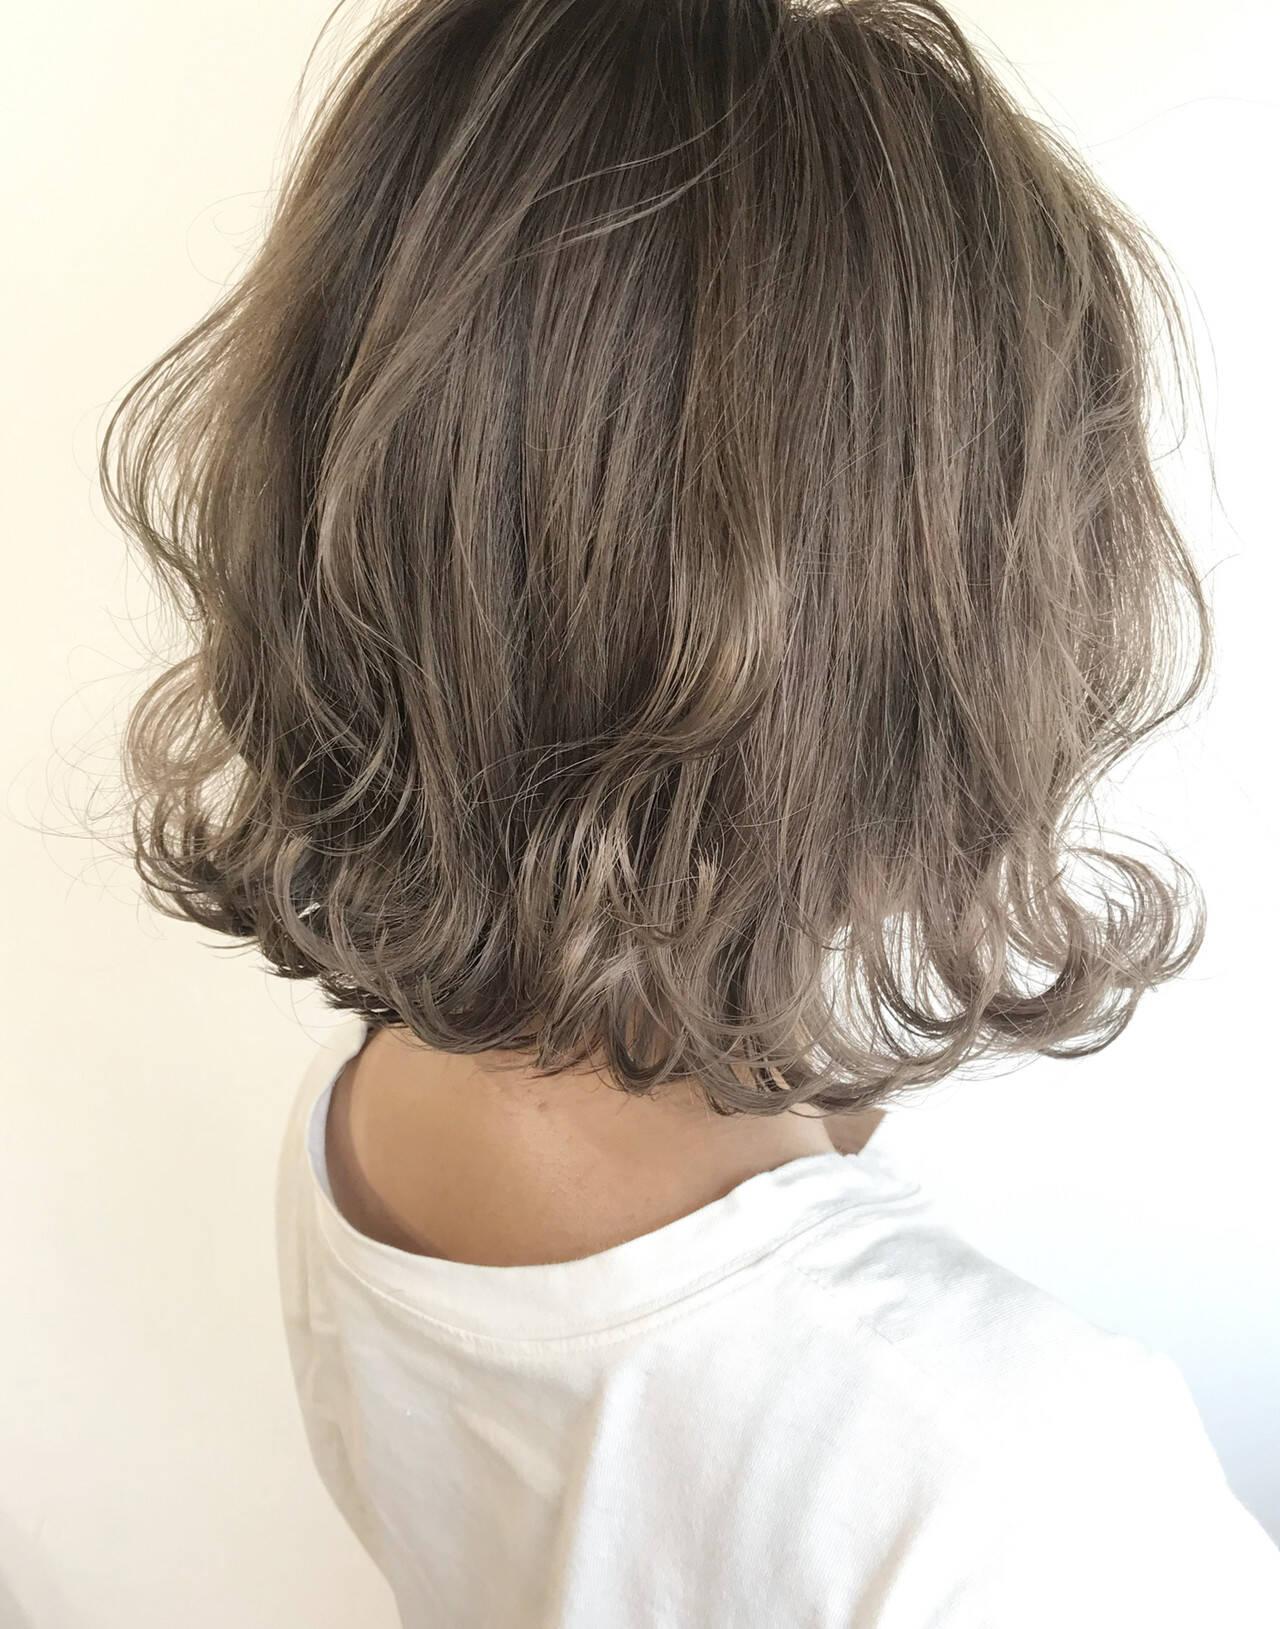 ミルクティーベージュ ミニボブ 切りっぱなしボブ ナチュラルヘアスタイルや髪型の写真・画像